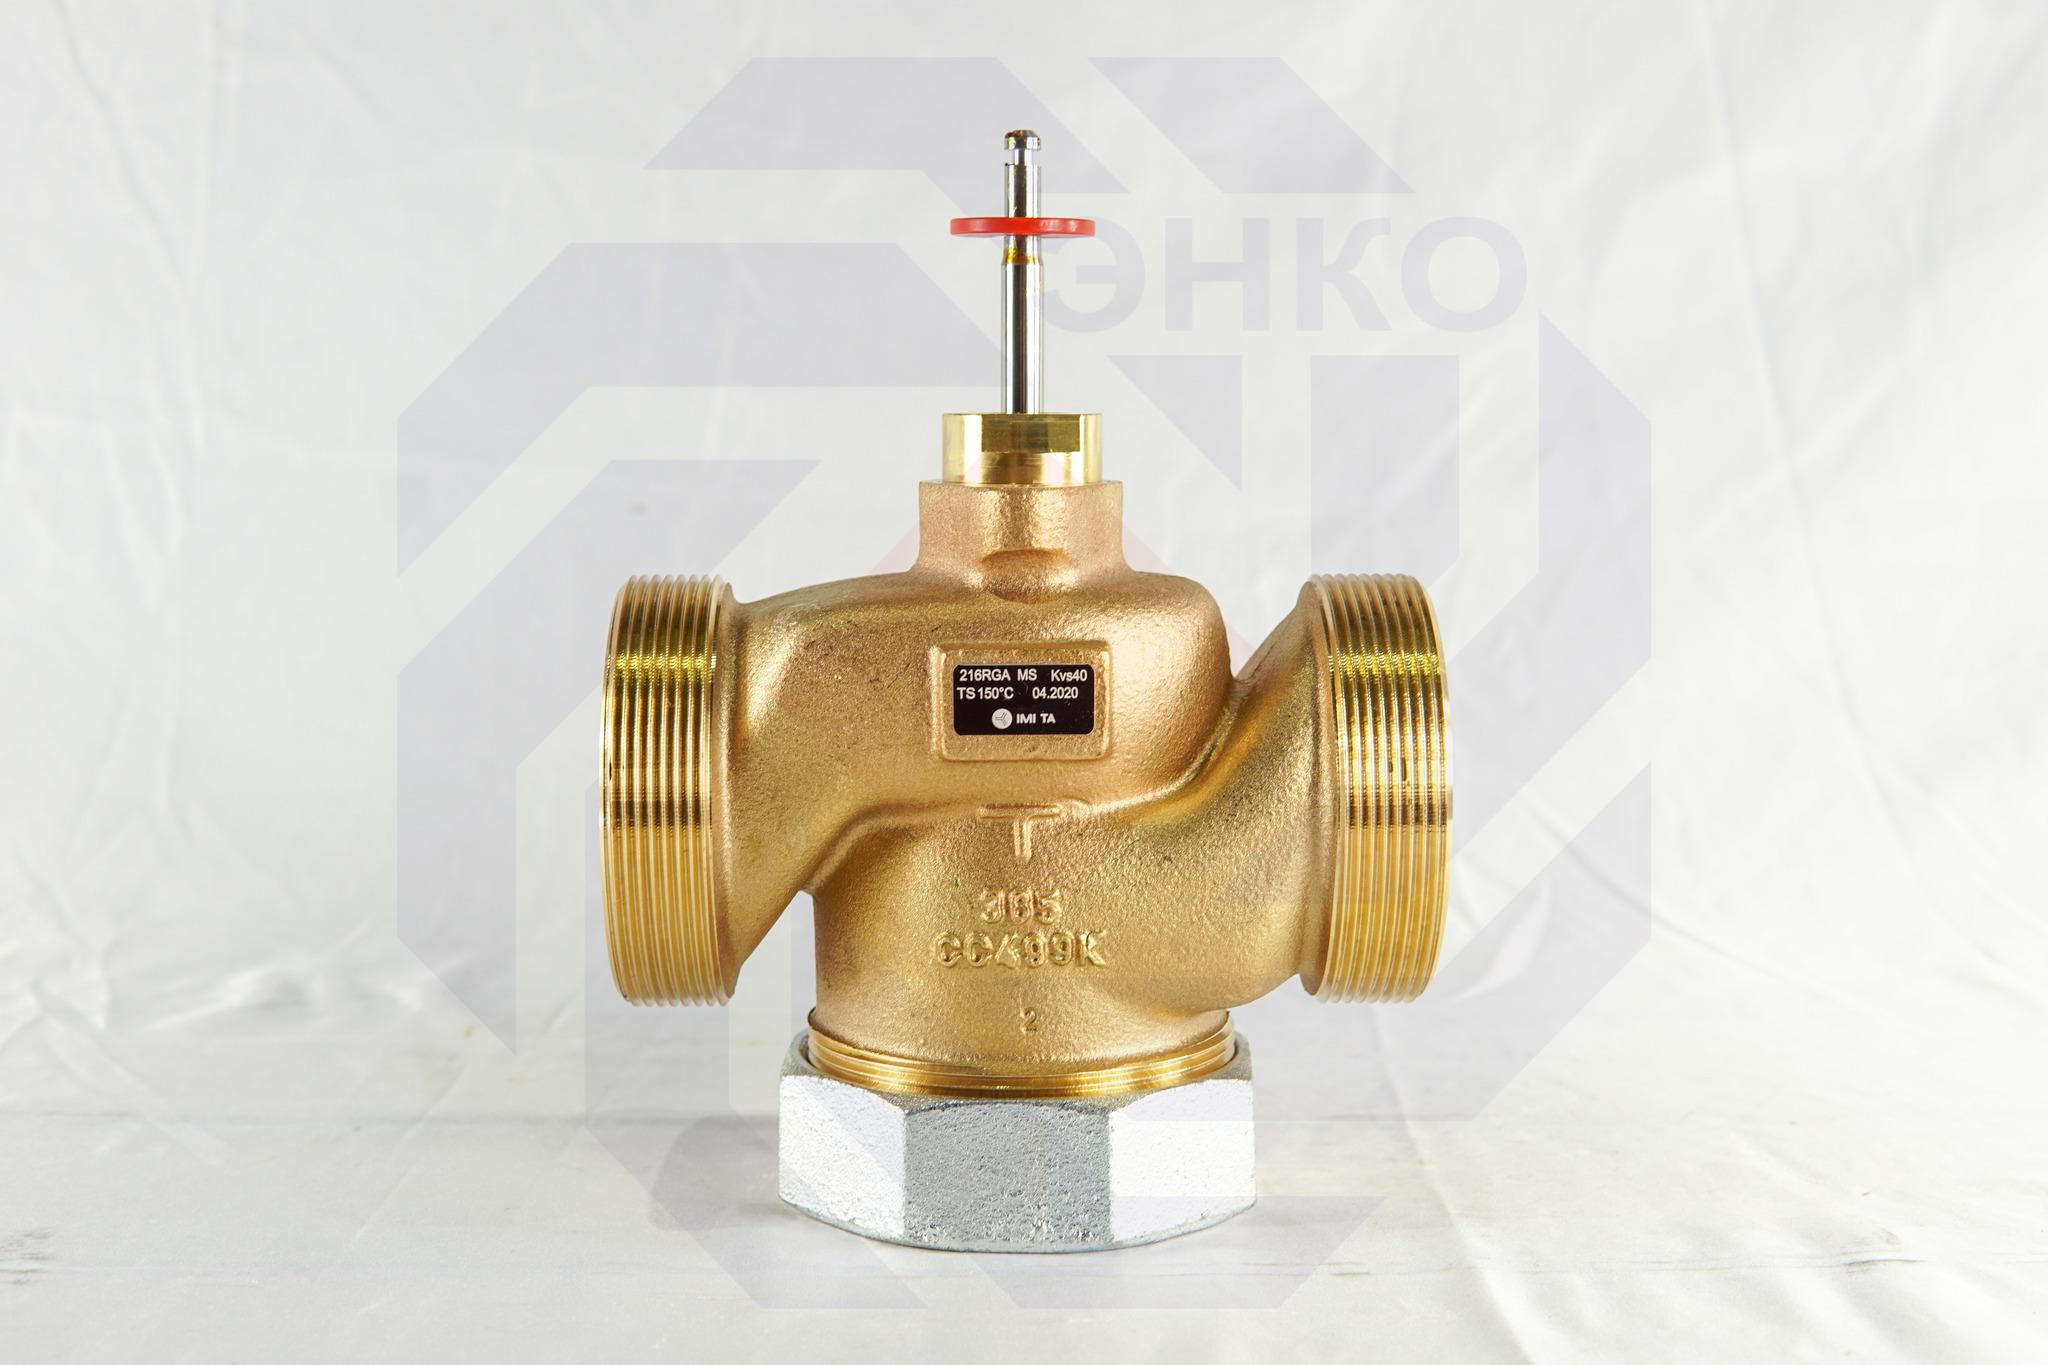 Клапан регулирующий двухходовой IMI CV216 RGA DN 50